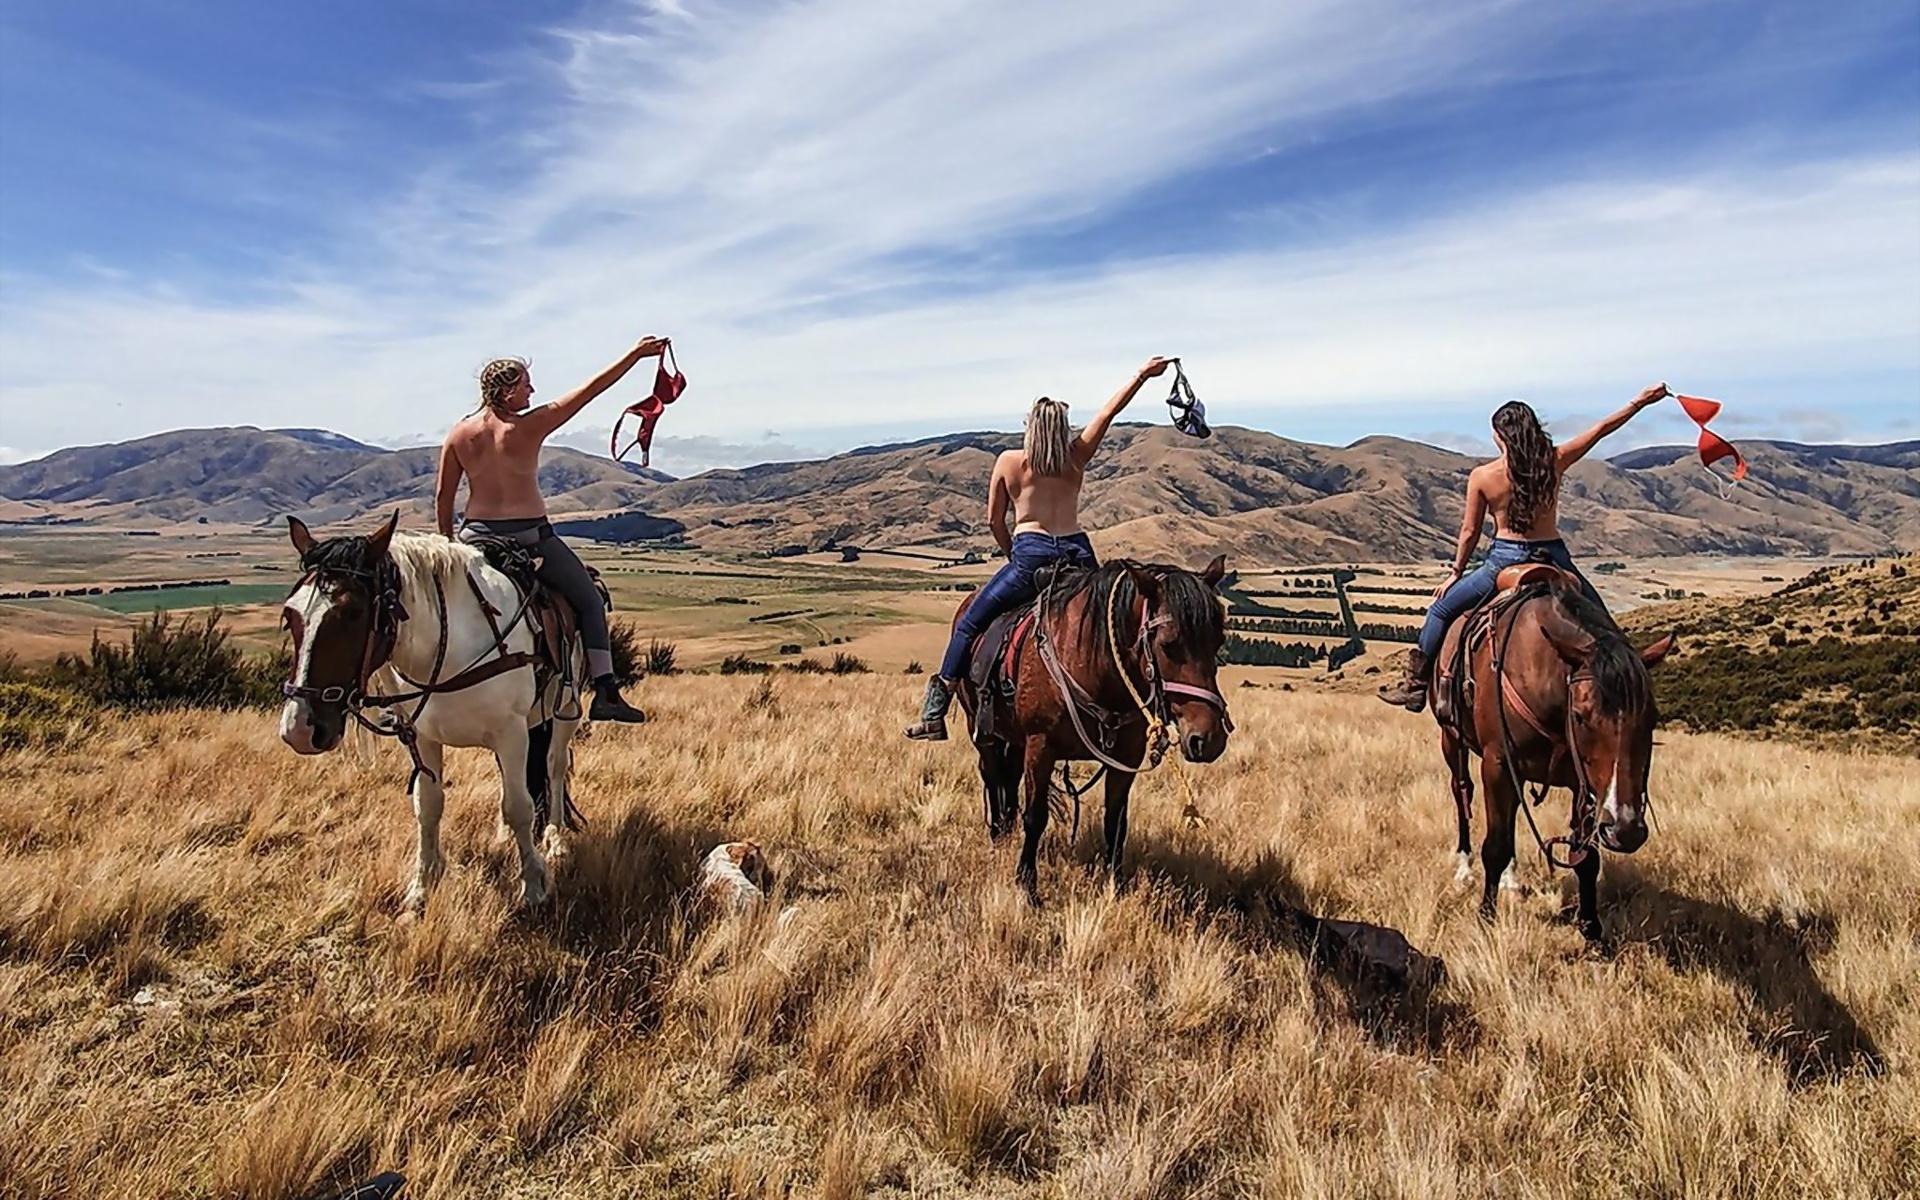 девушки, лошади, степь, небо, природа, люди